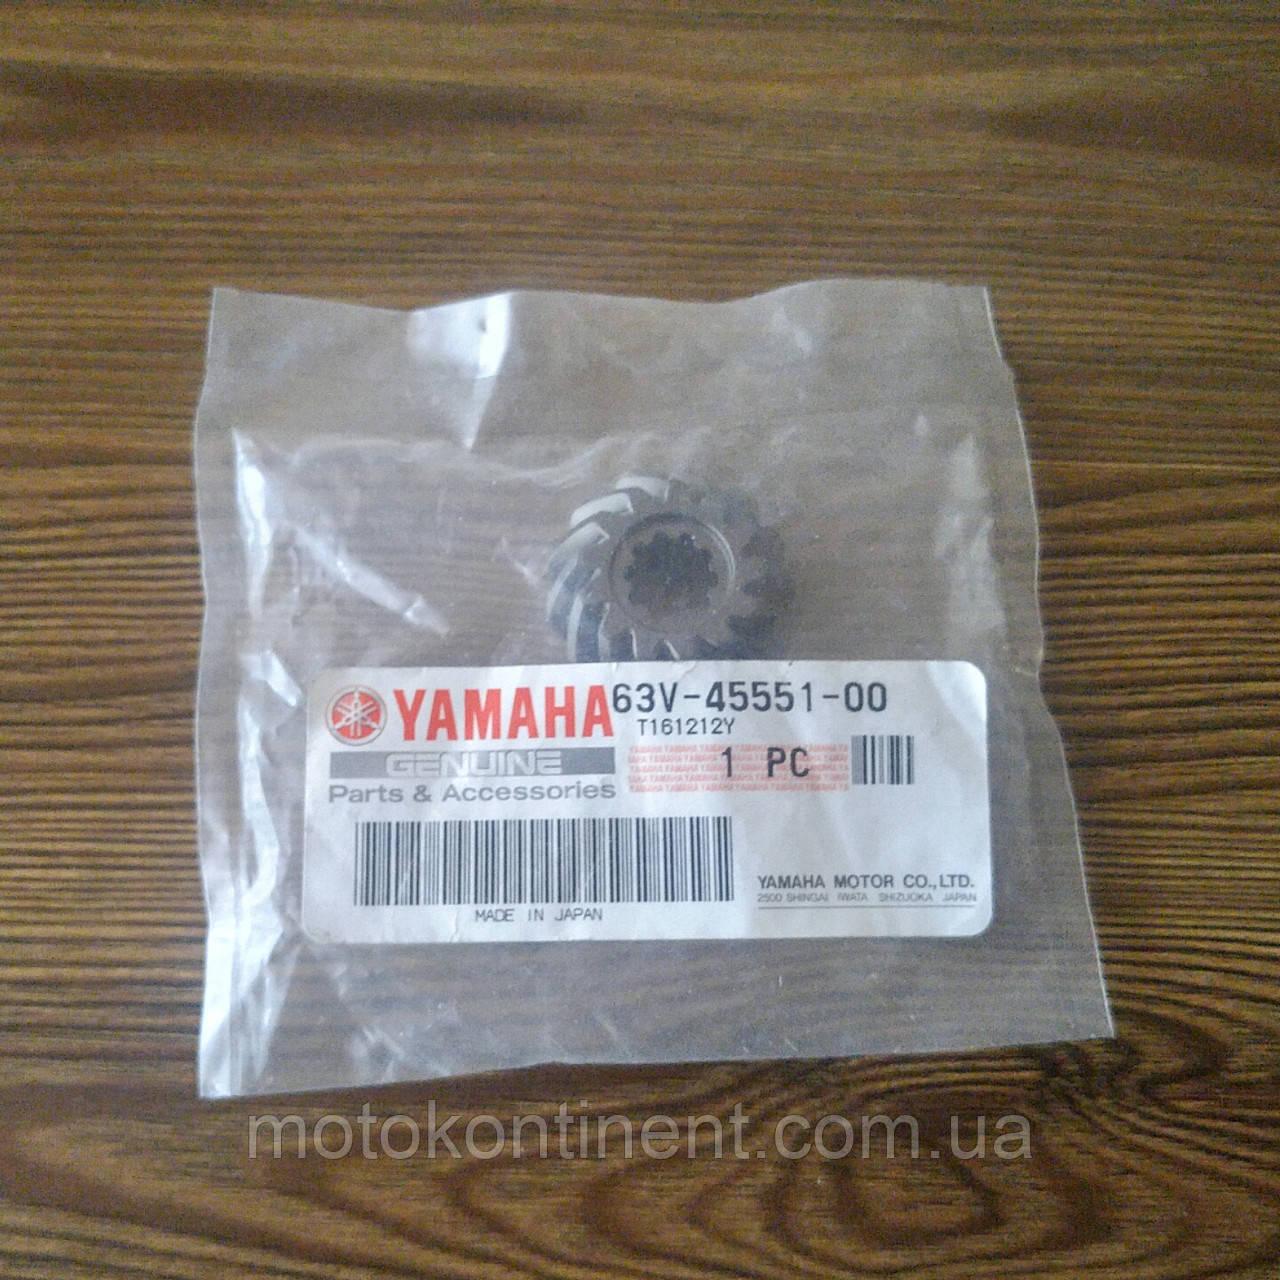 63V-45551-00 Шестерня вертикального вала (Япония) Yamaha 9.9/15 F9.9/F15/F20